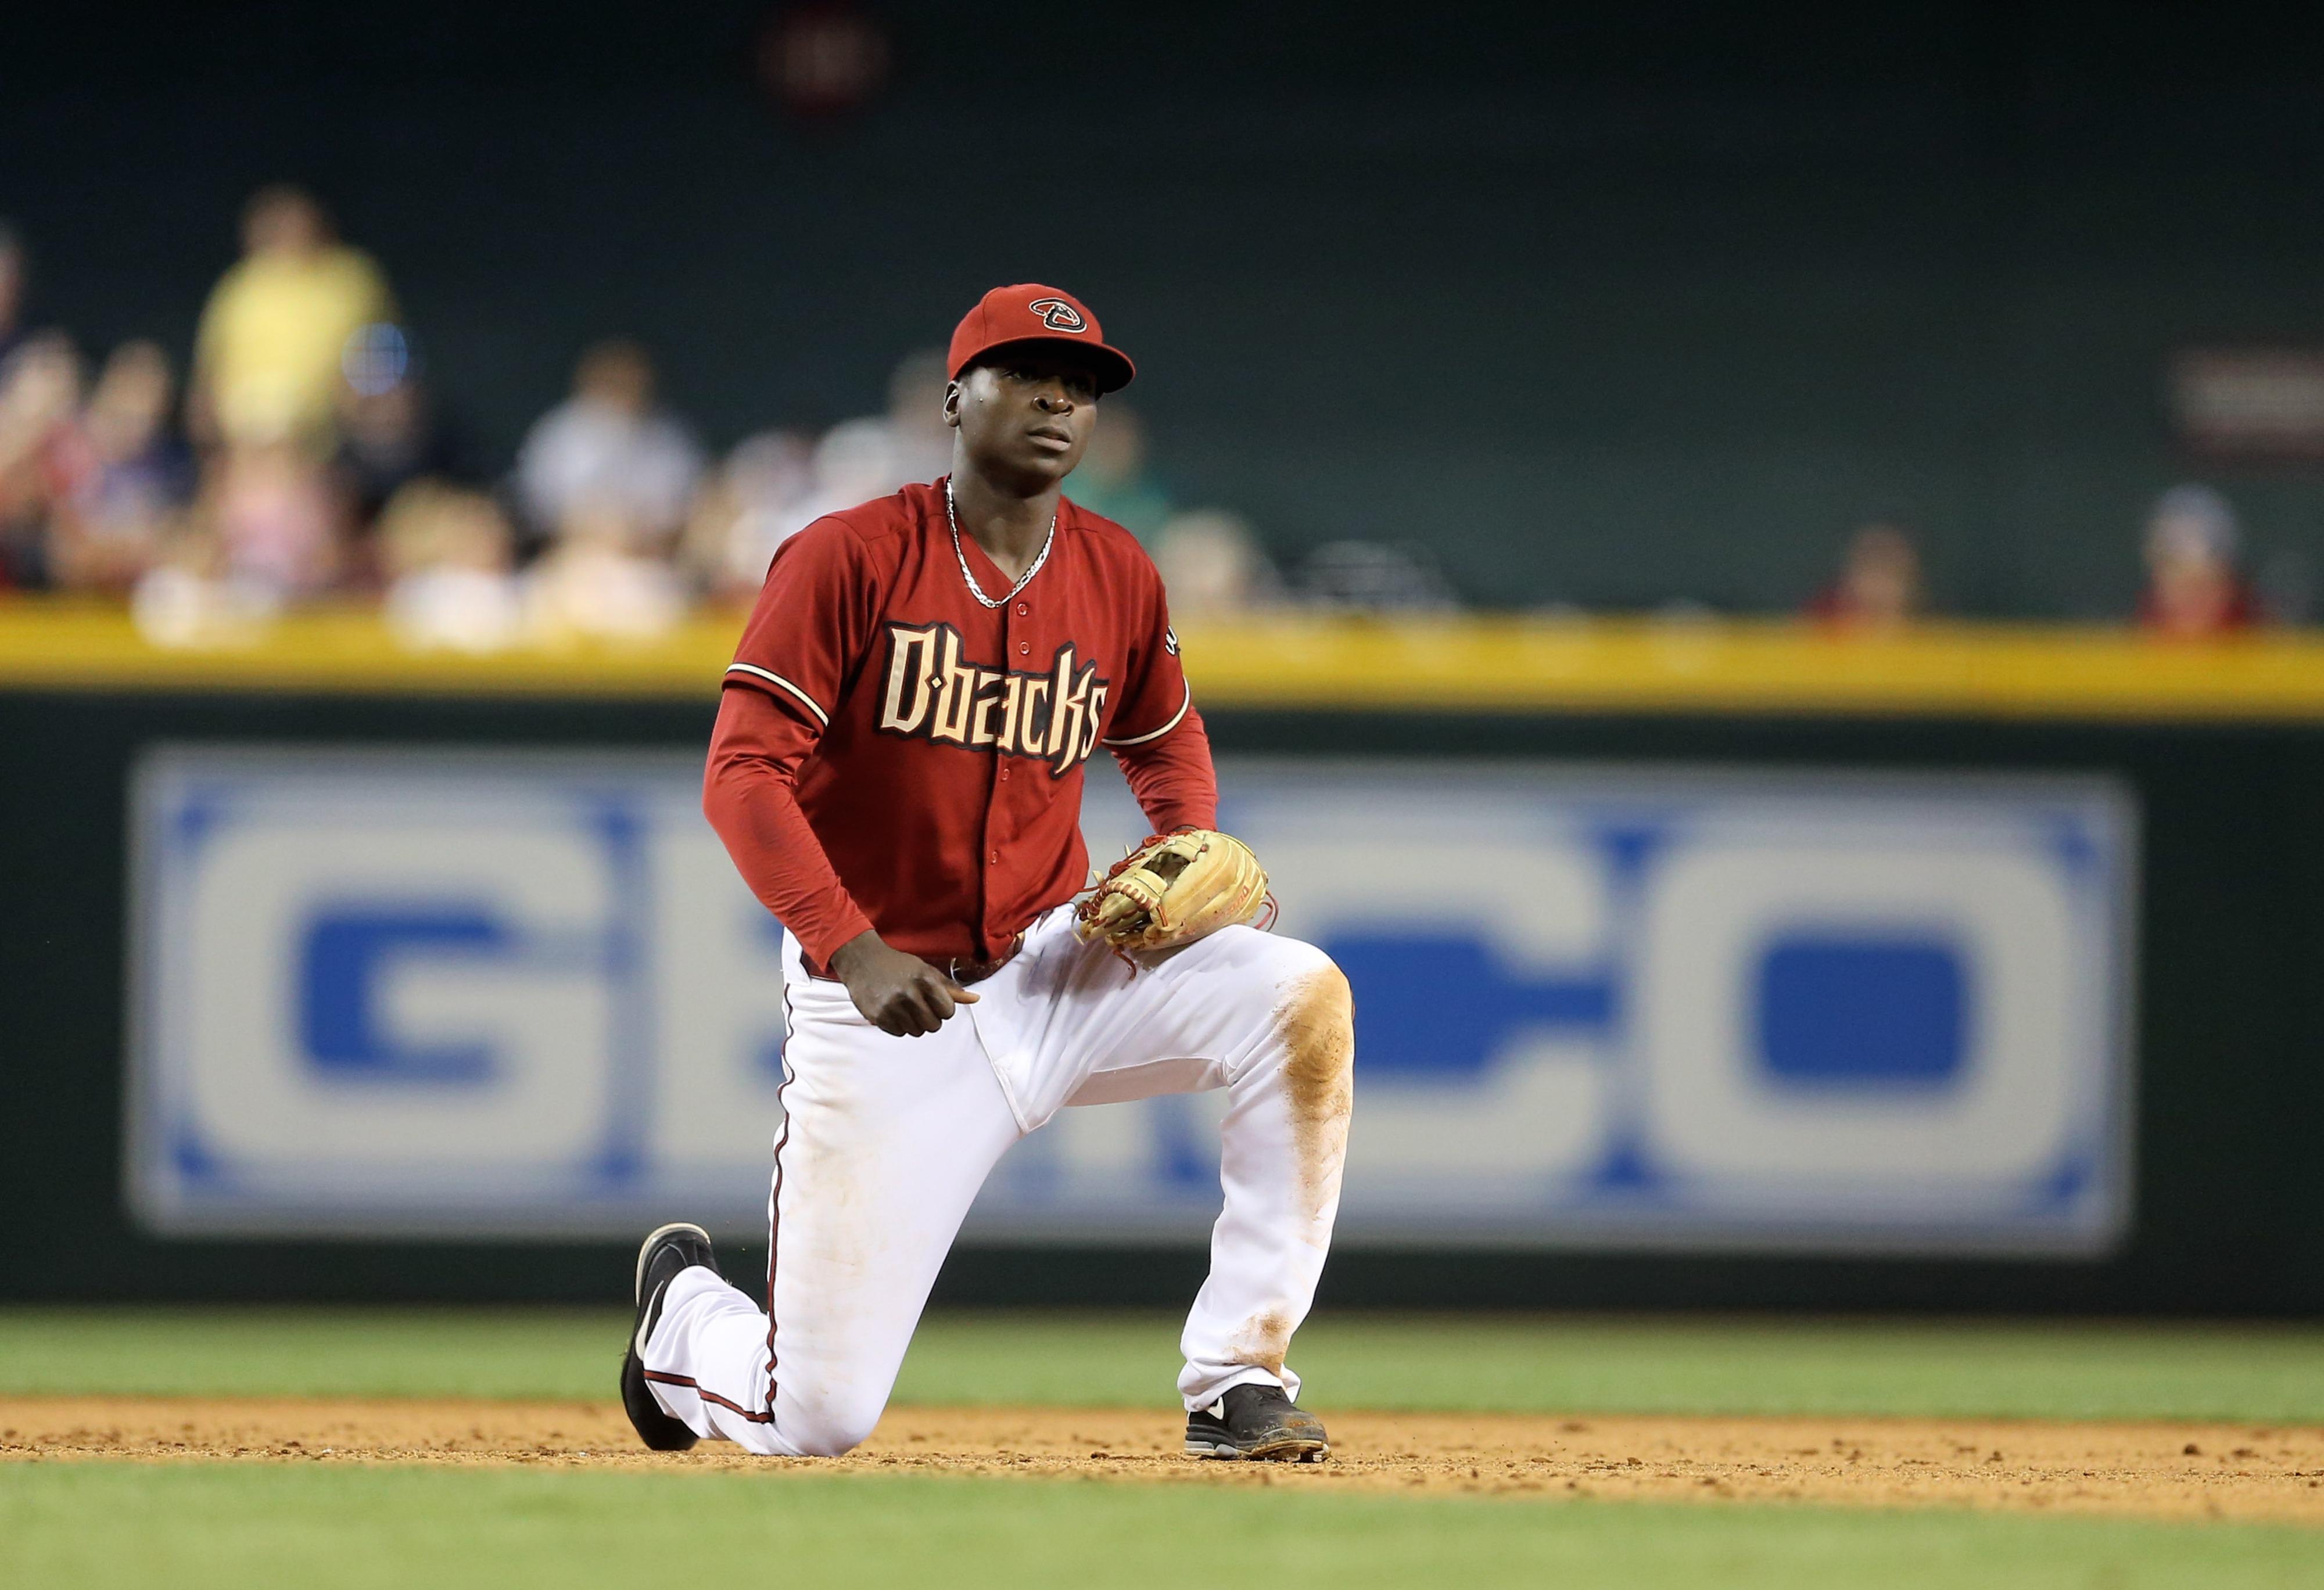 Didi Gregorius, major league shortstop